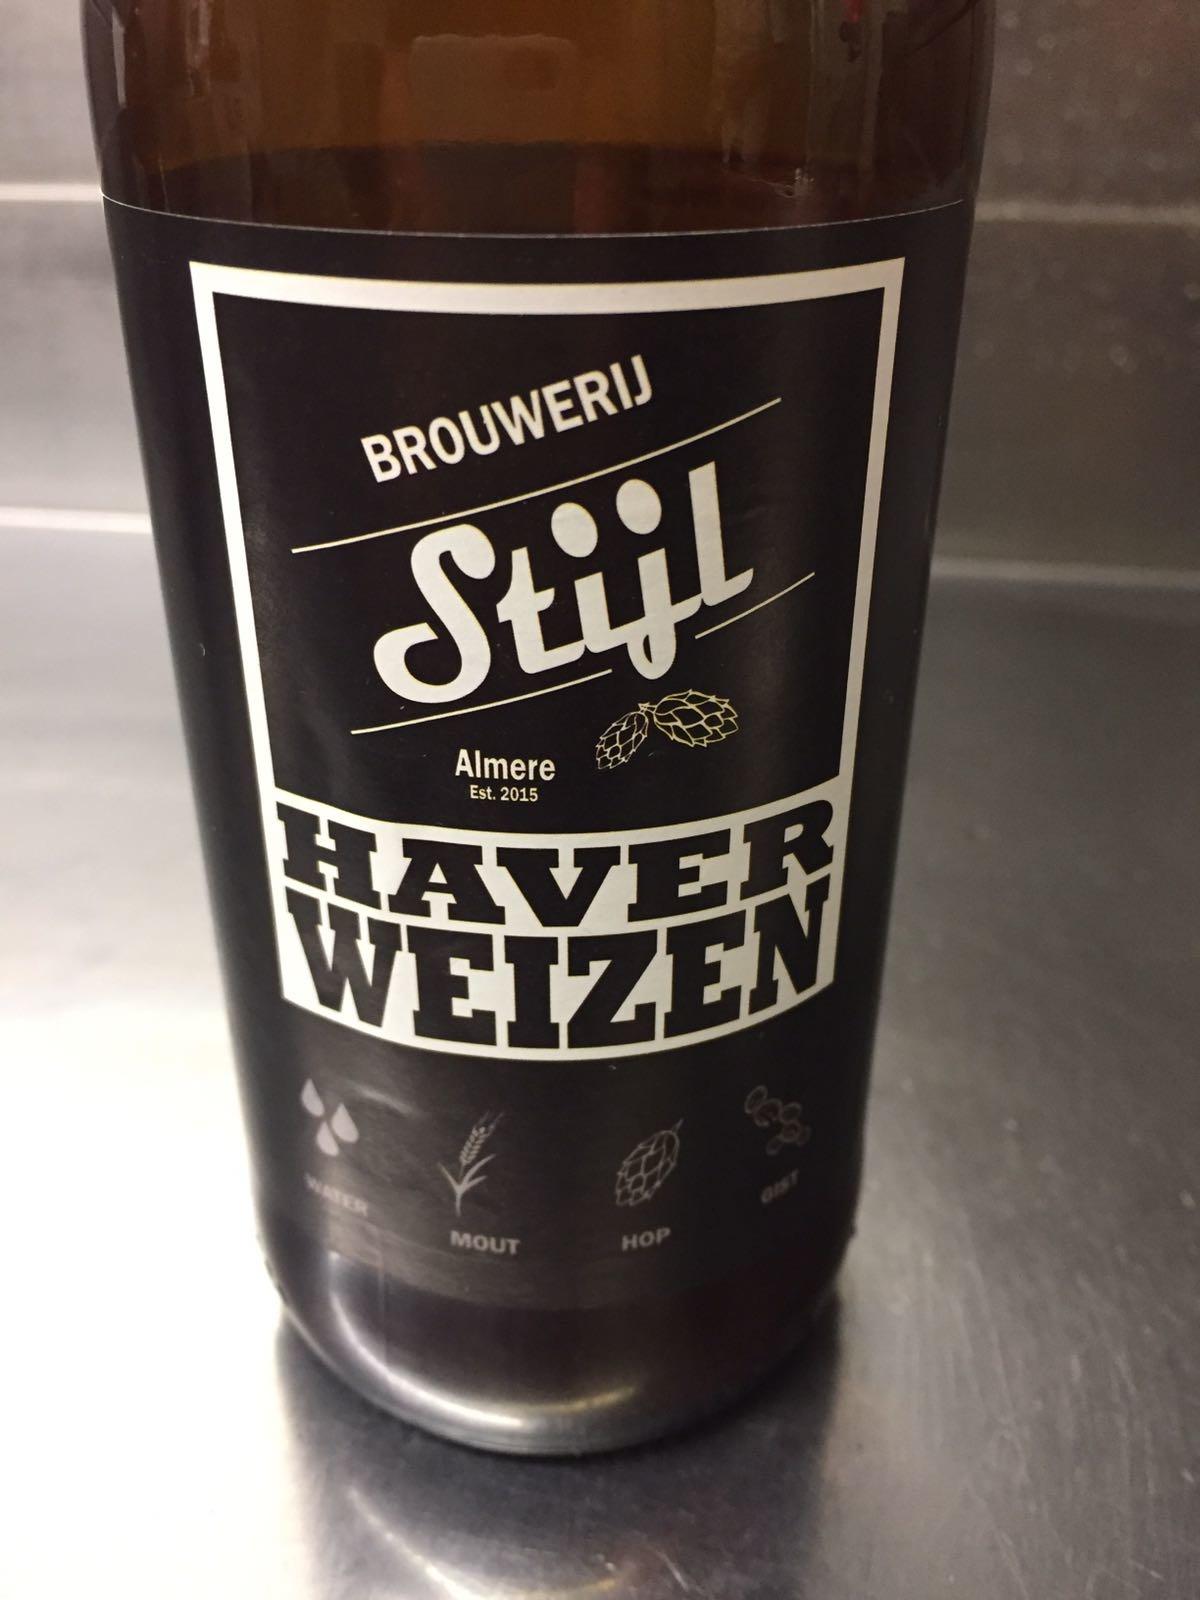 Haver Weizen Herkomst: Almere, Nederland Een koperkleurige Weizen met lichtzoete smaak. Het mondgevoel is filmend. Een romige smaak wat ervoor zorgt dat je mond een beetje plakkerig wordt. Maar als de temperatuur goed koud is, is het toch een fris biertje. Tuttifrutti bepaald de geur. Dit speciaalbier is afkomstig van brouwerij Stijl wat meerdere bieren in het assortiment heeft, maar de Haver Weizen is een seizoensbier wat alleen in de lente/zomer te verkrijgen is. Het bier bevat een alcoholpercentage van 5,5%. Advies serveertemperatuur: 4 graden.